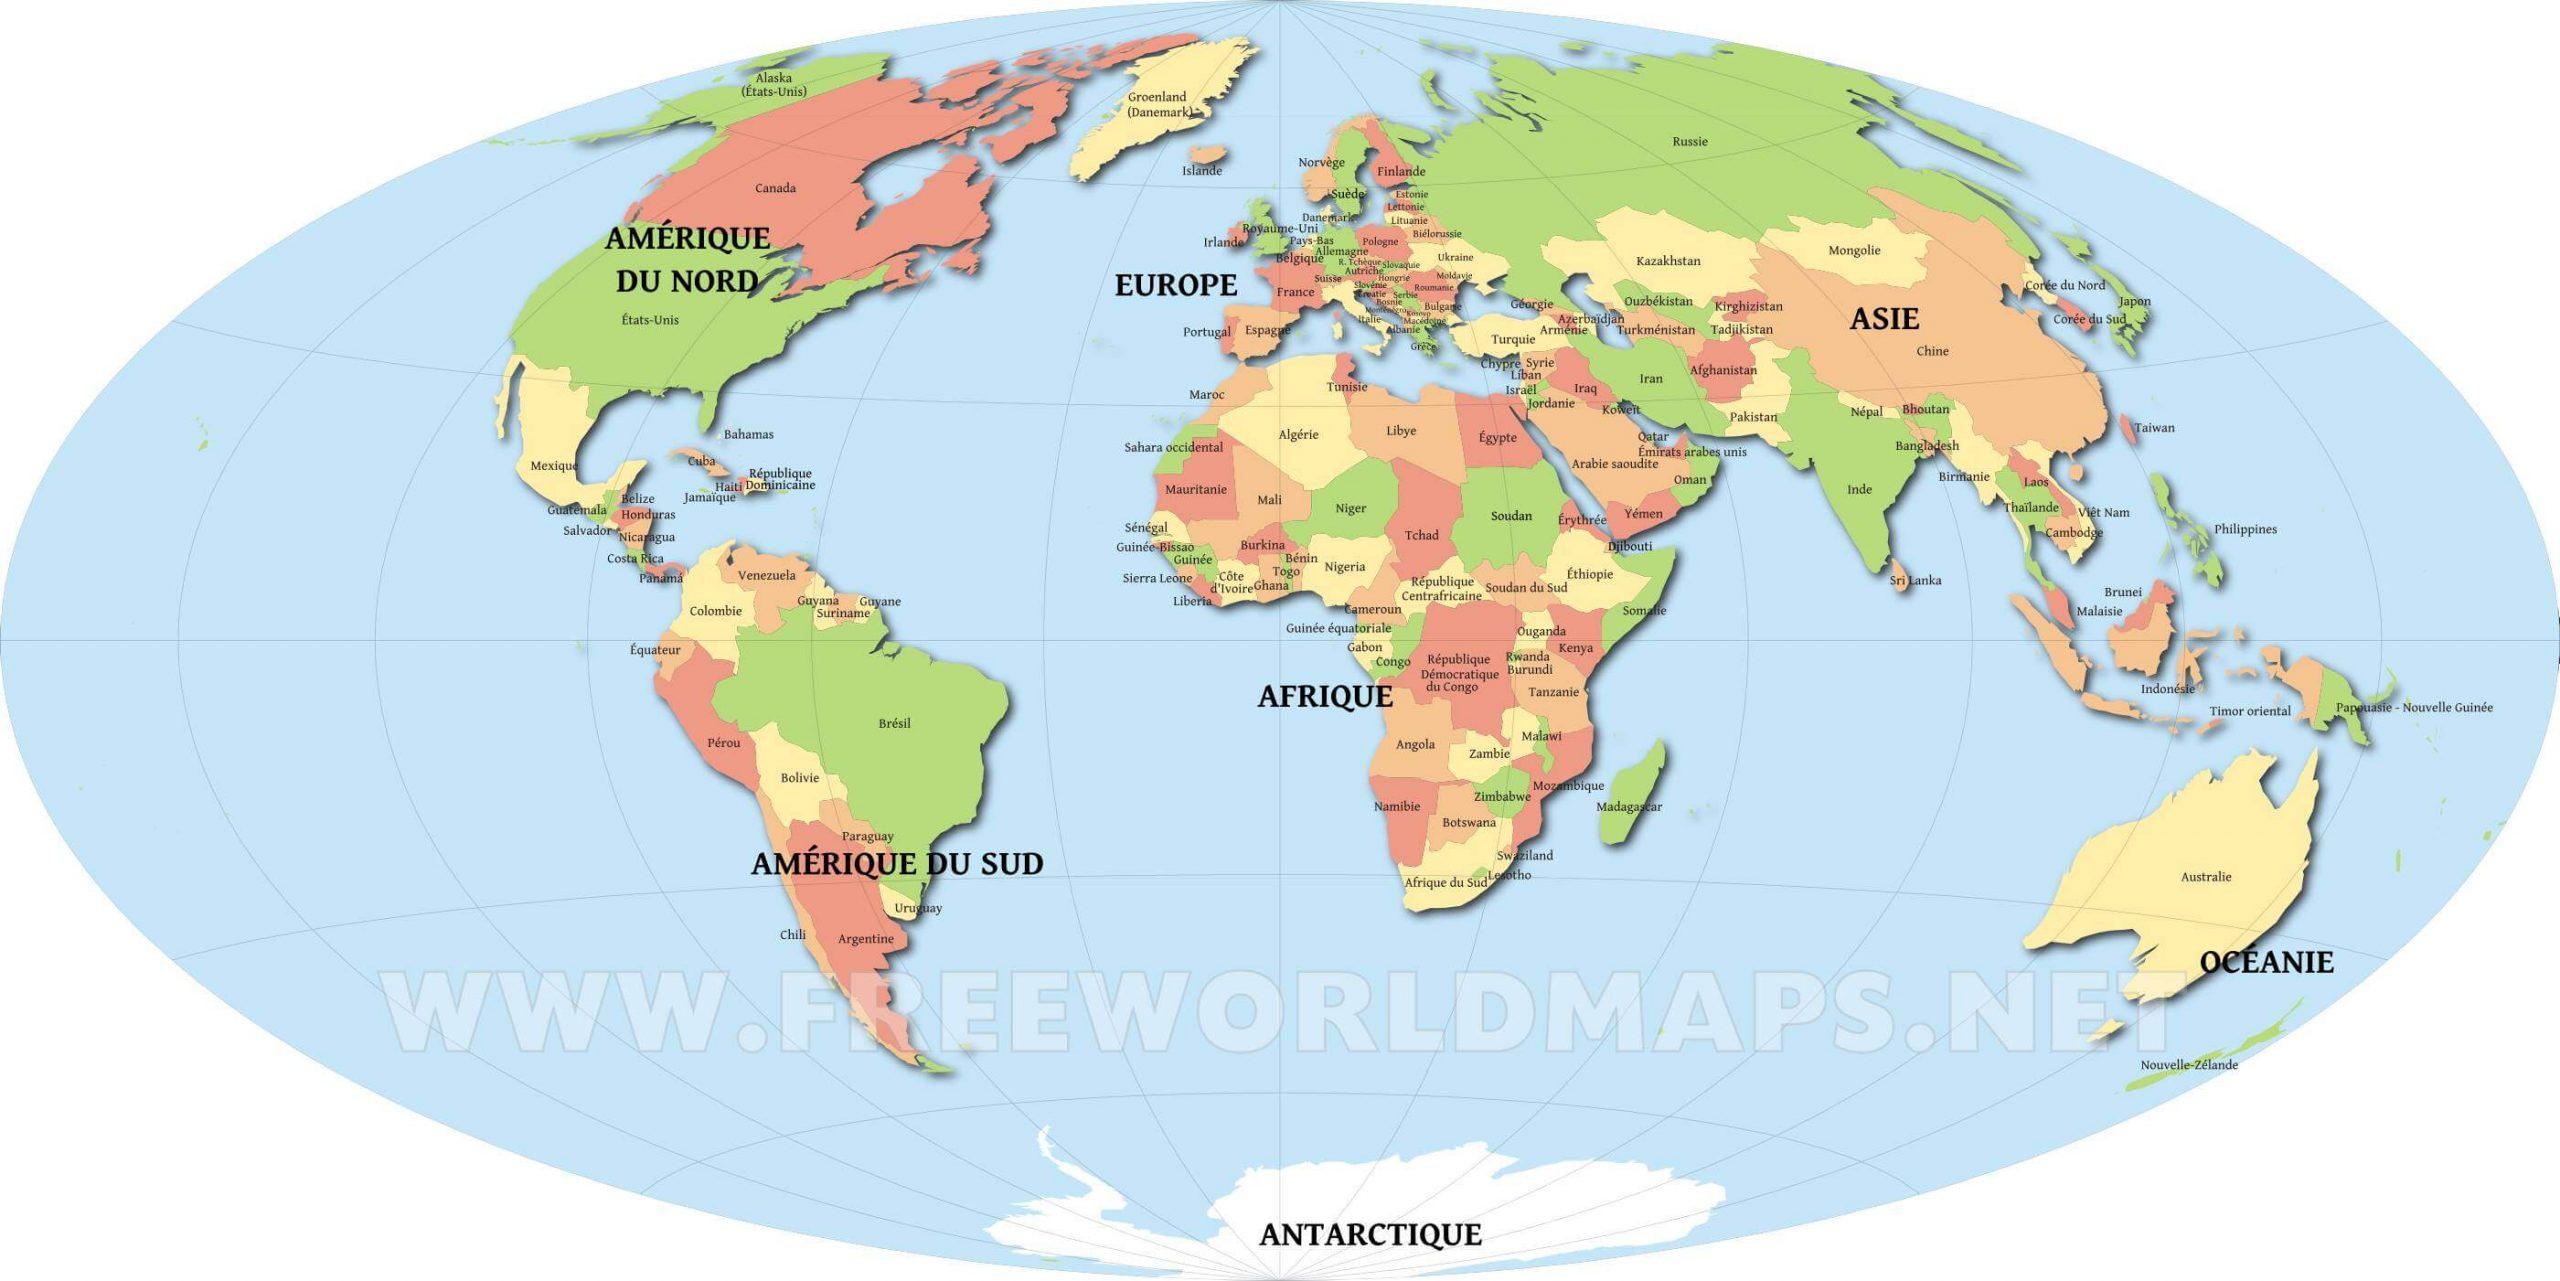 Pays Du Monde - Carte Des Pays Du Monde dedans Carte Du Monde Avec Continent